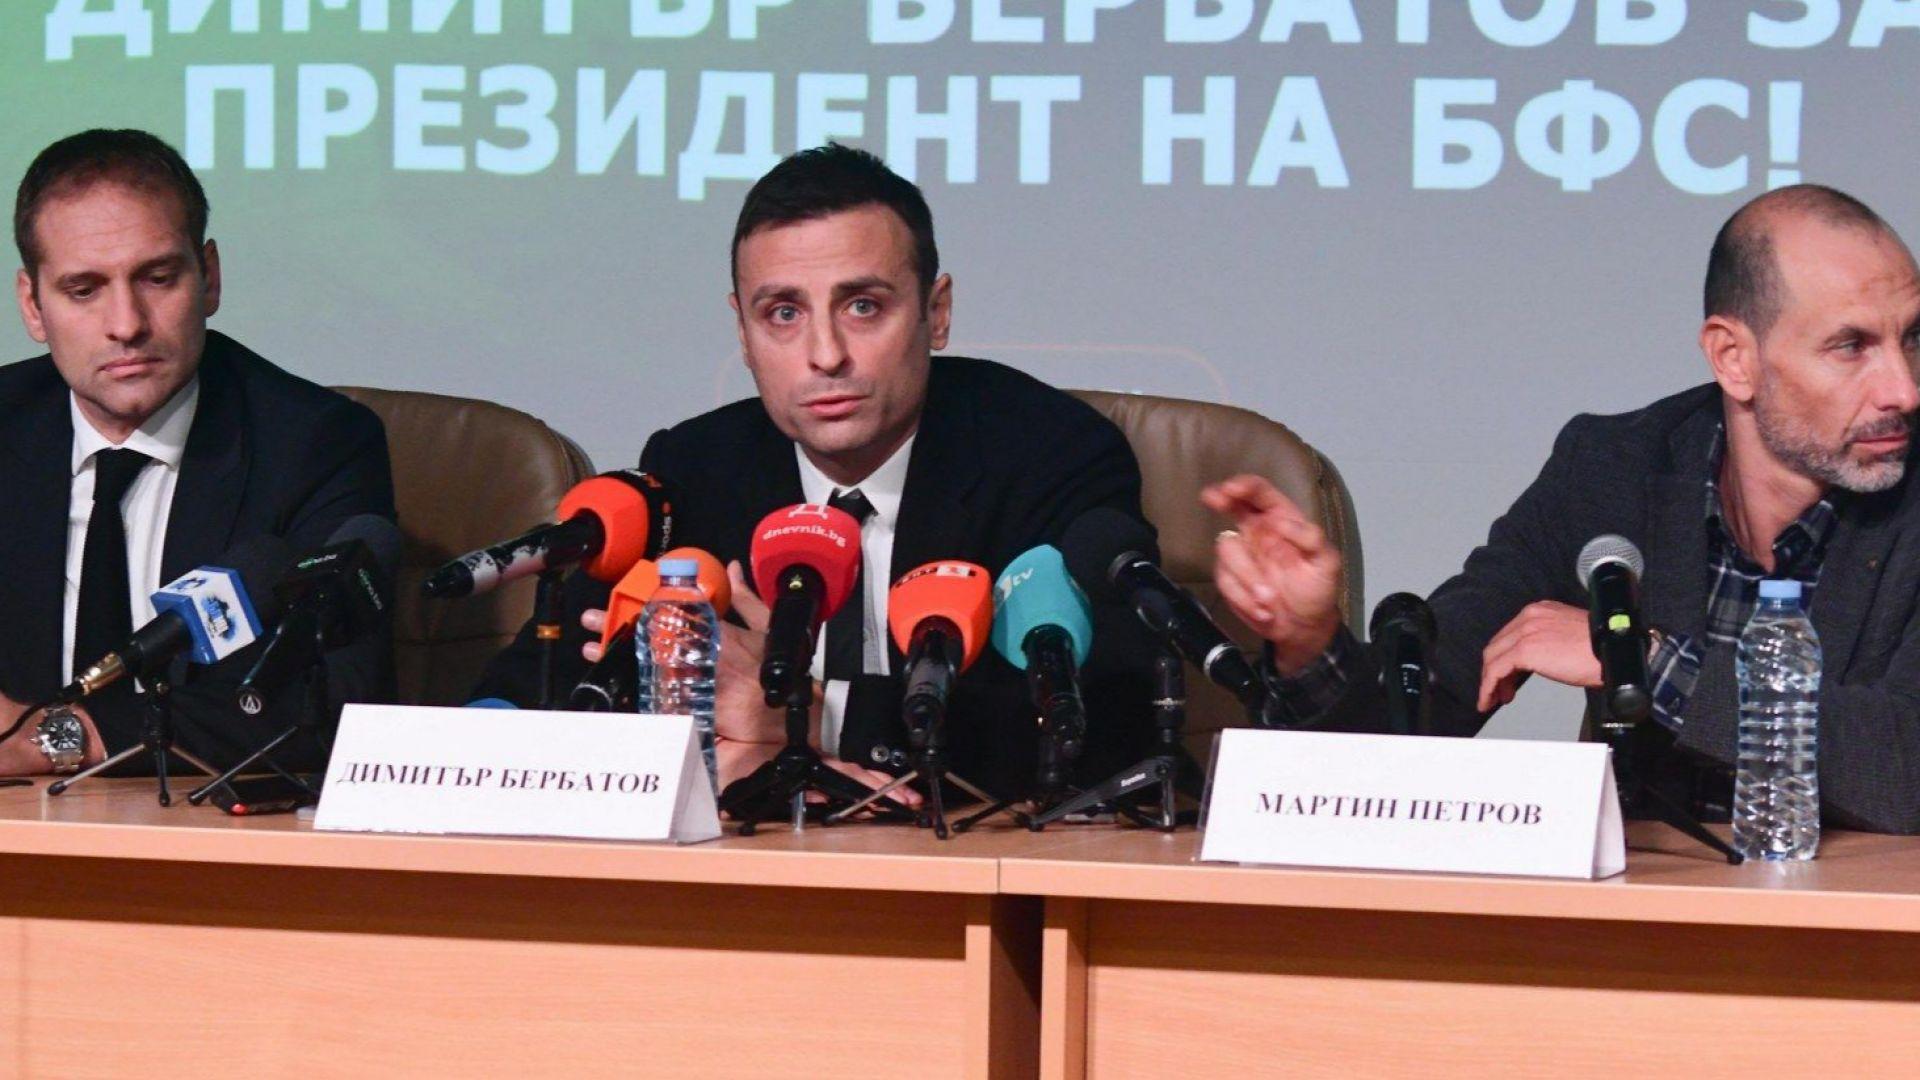 Екипът на Бербатов: Делегати, които критикуват БФС, няма да бъдат допуснати до конгреса